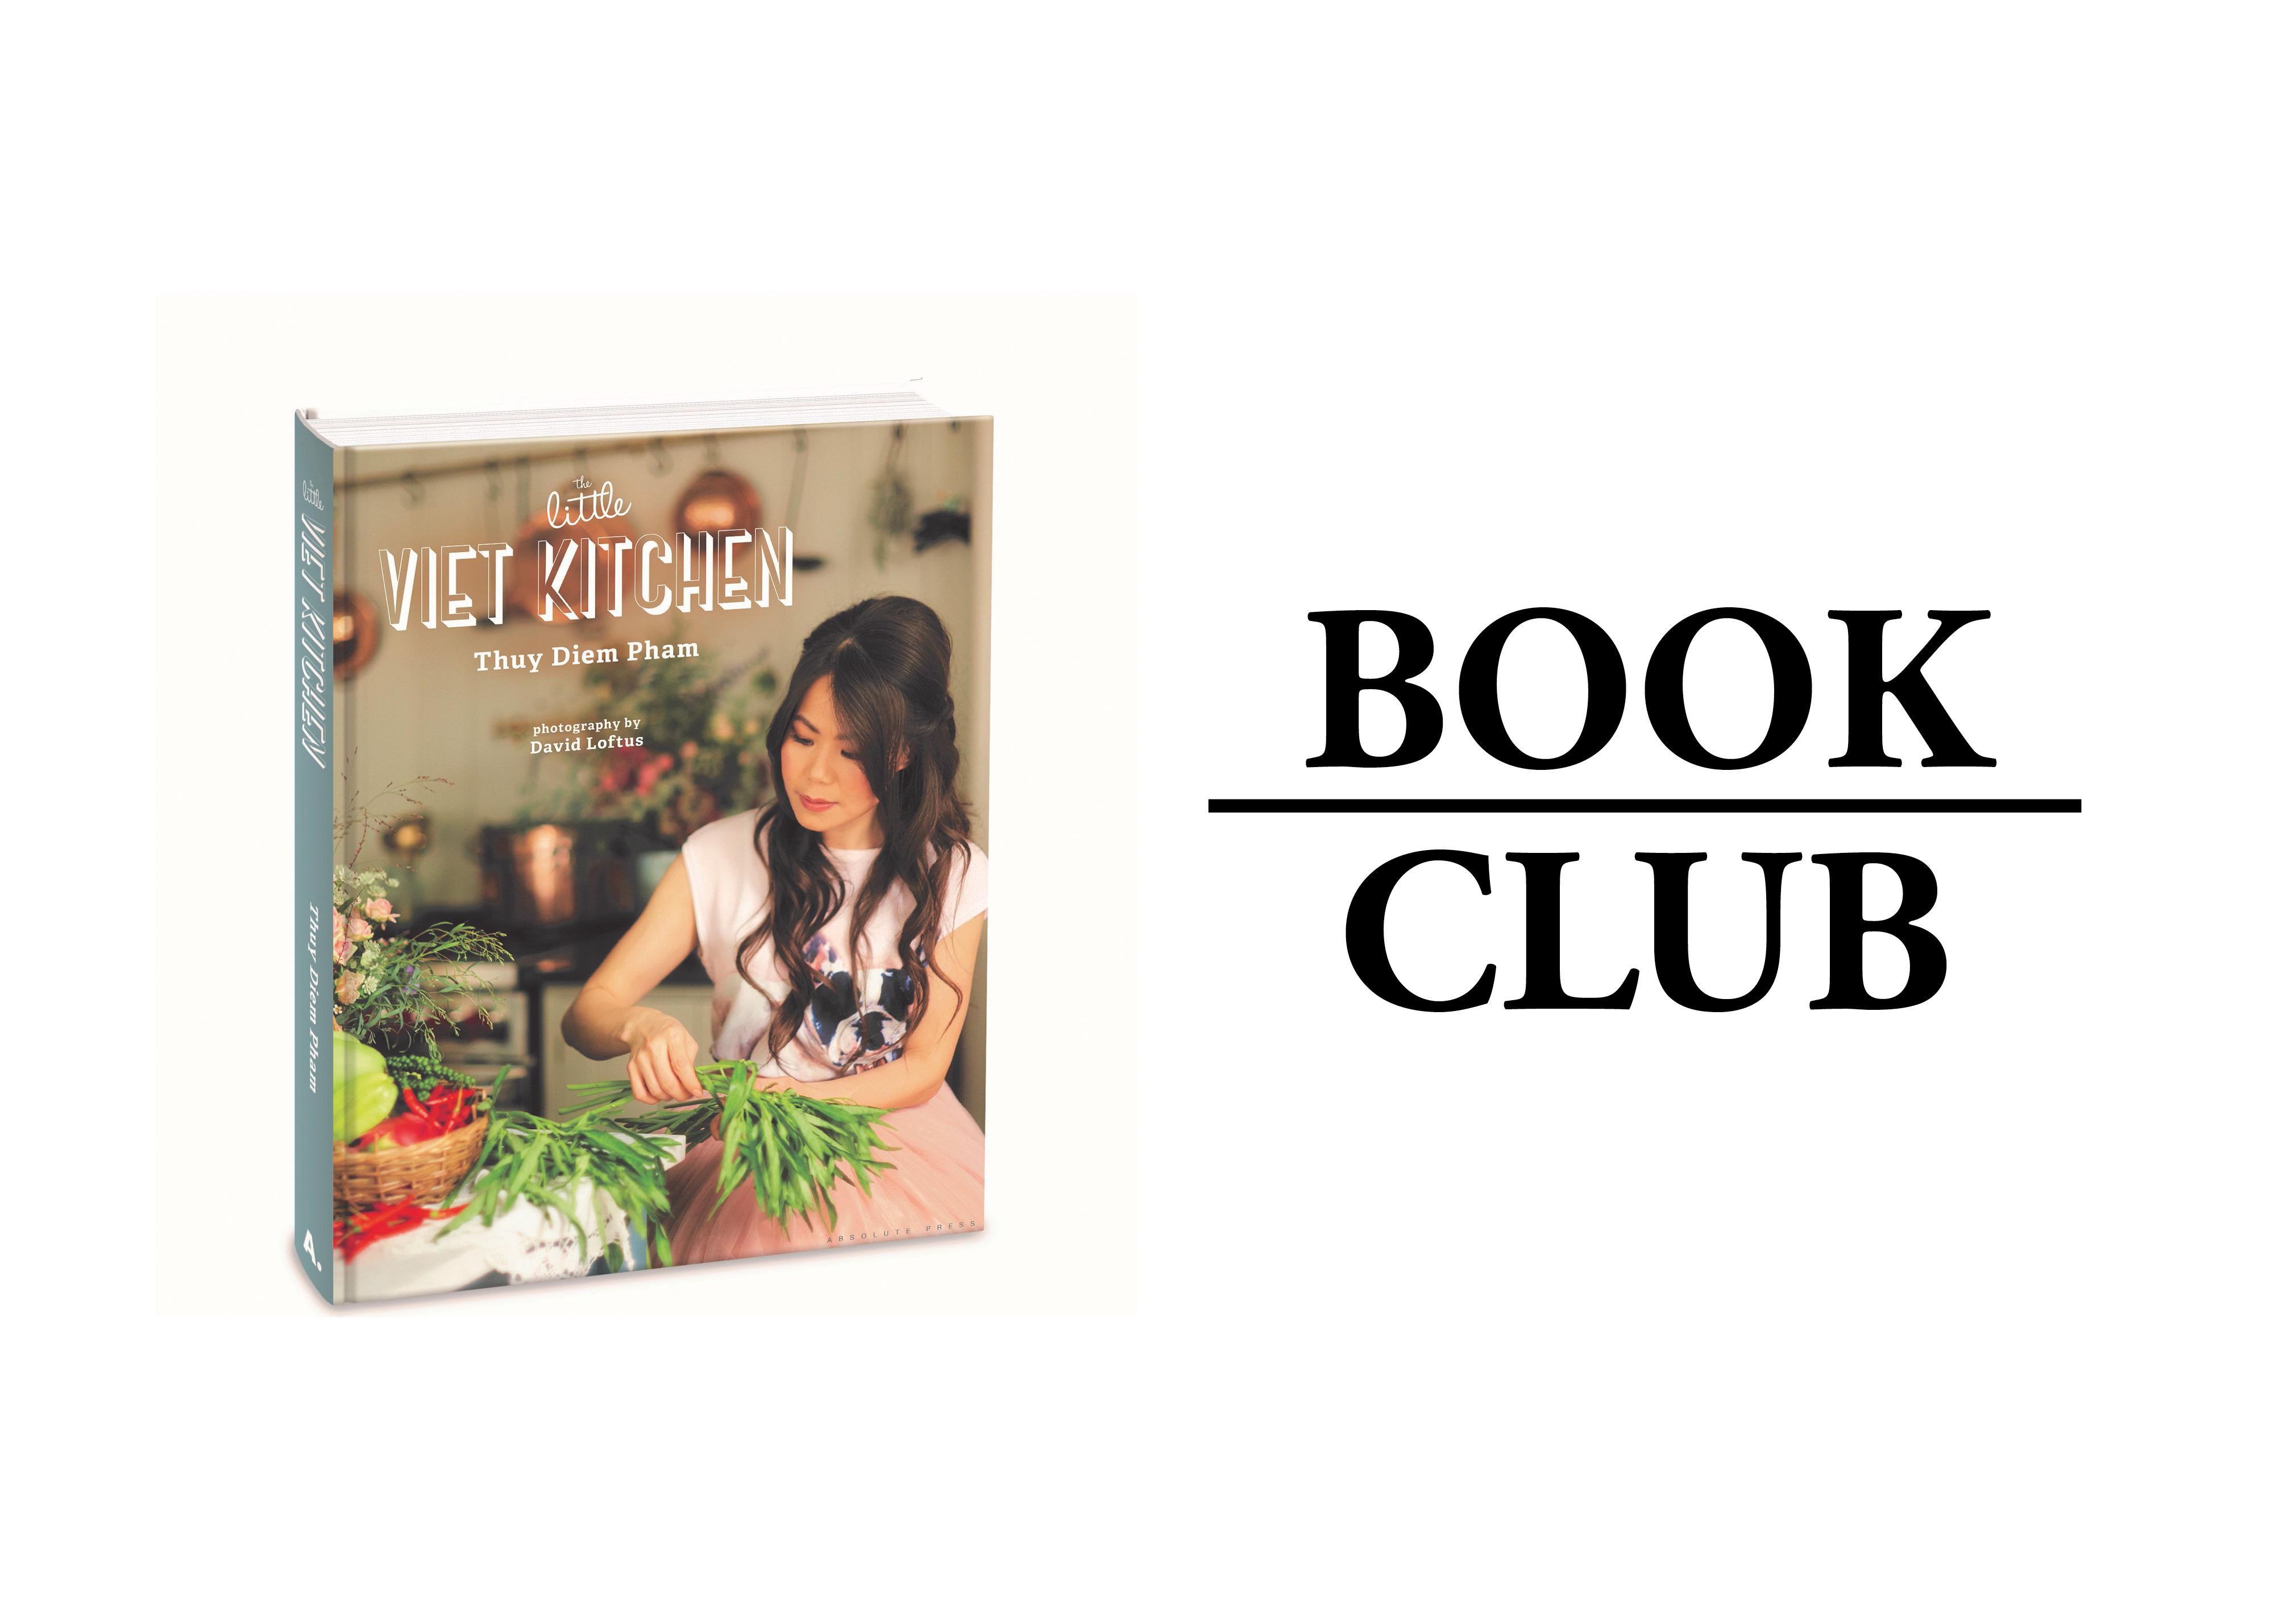 THE LITTLE VIET KITCHEN – THUY DIEM PHAM | Restaurant & Café